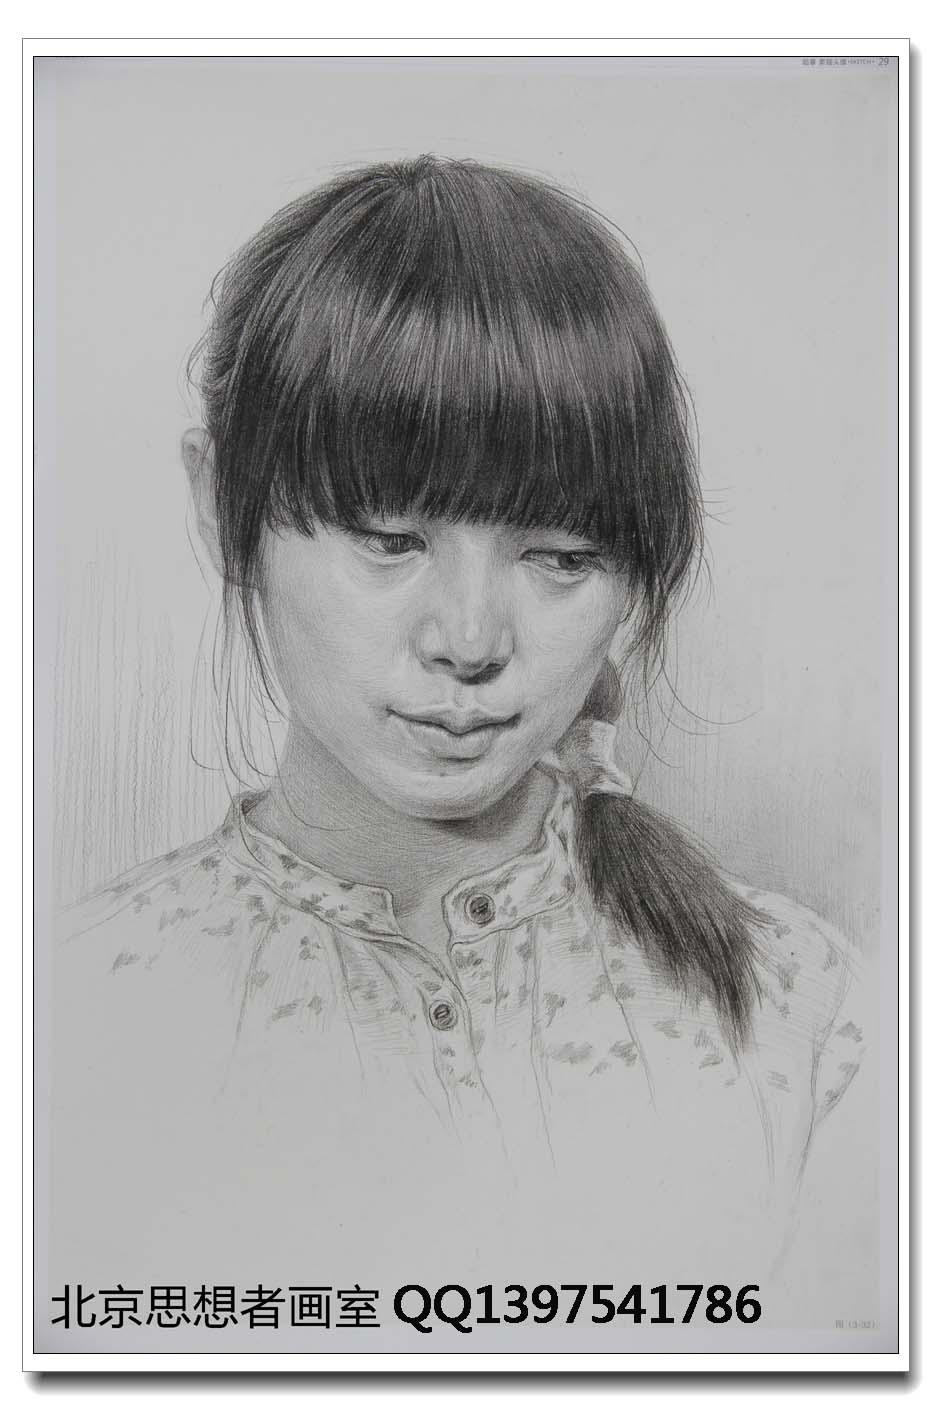 北京思想者画室素描作品3_画室作品投稿 - 51美术高考